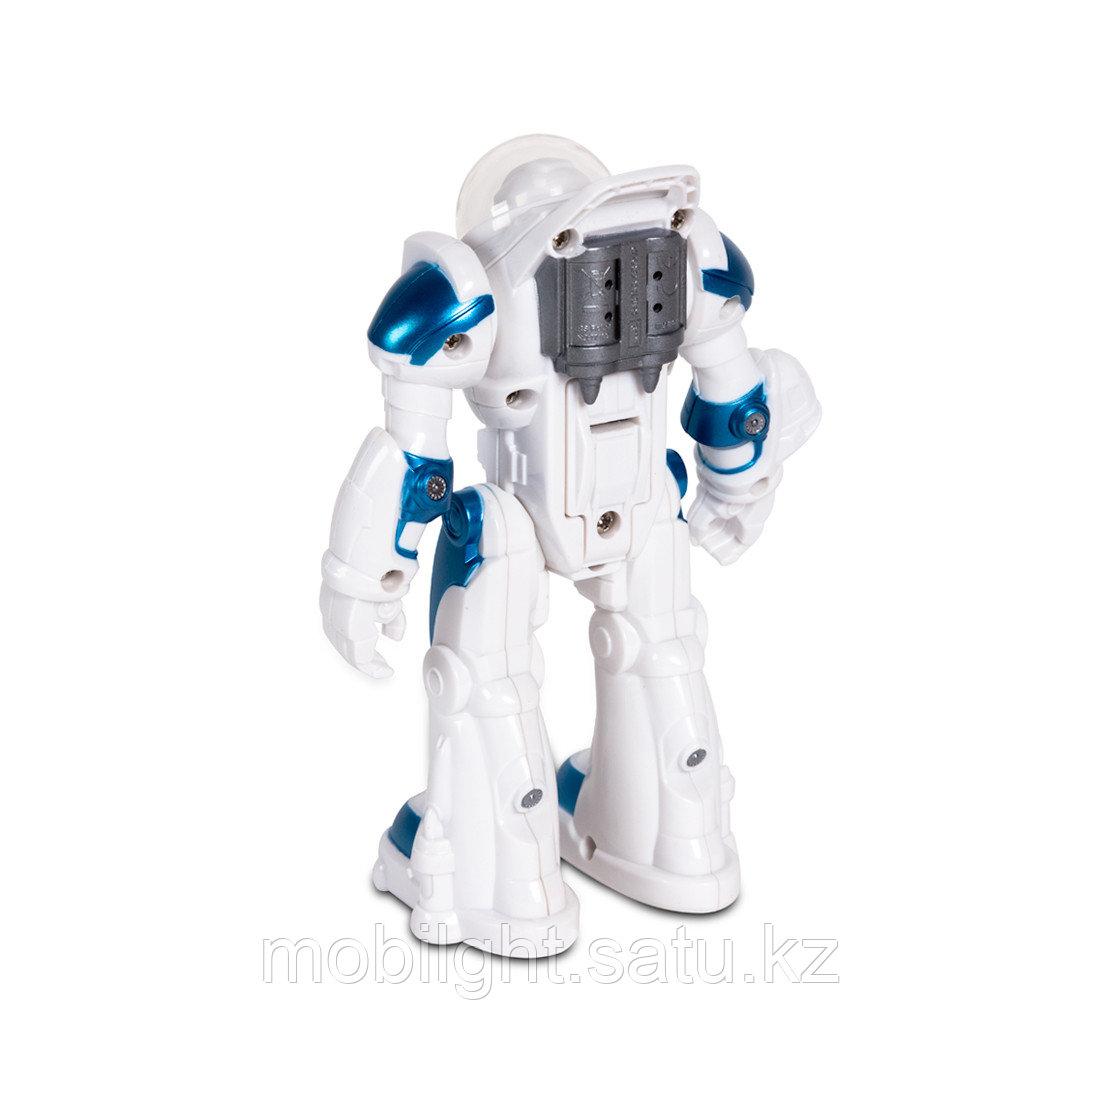 Робот RASTAR 77100W - фото 2